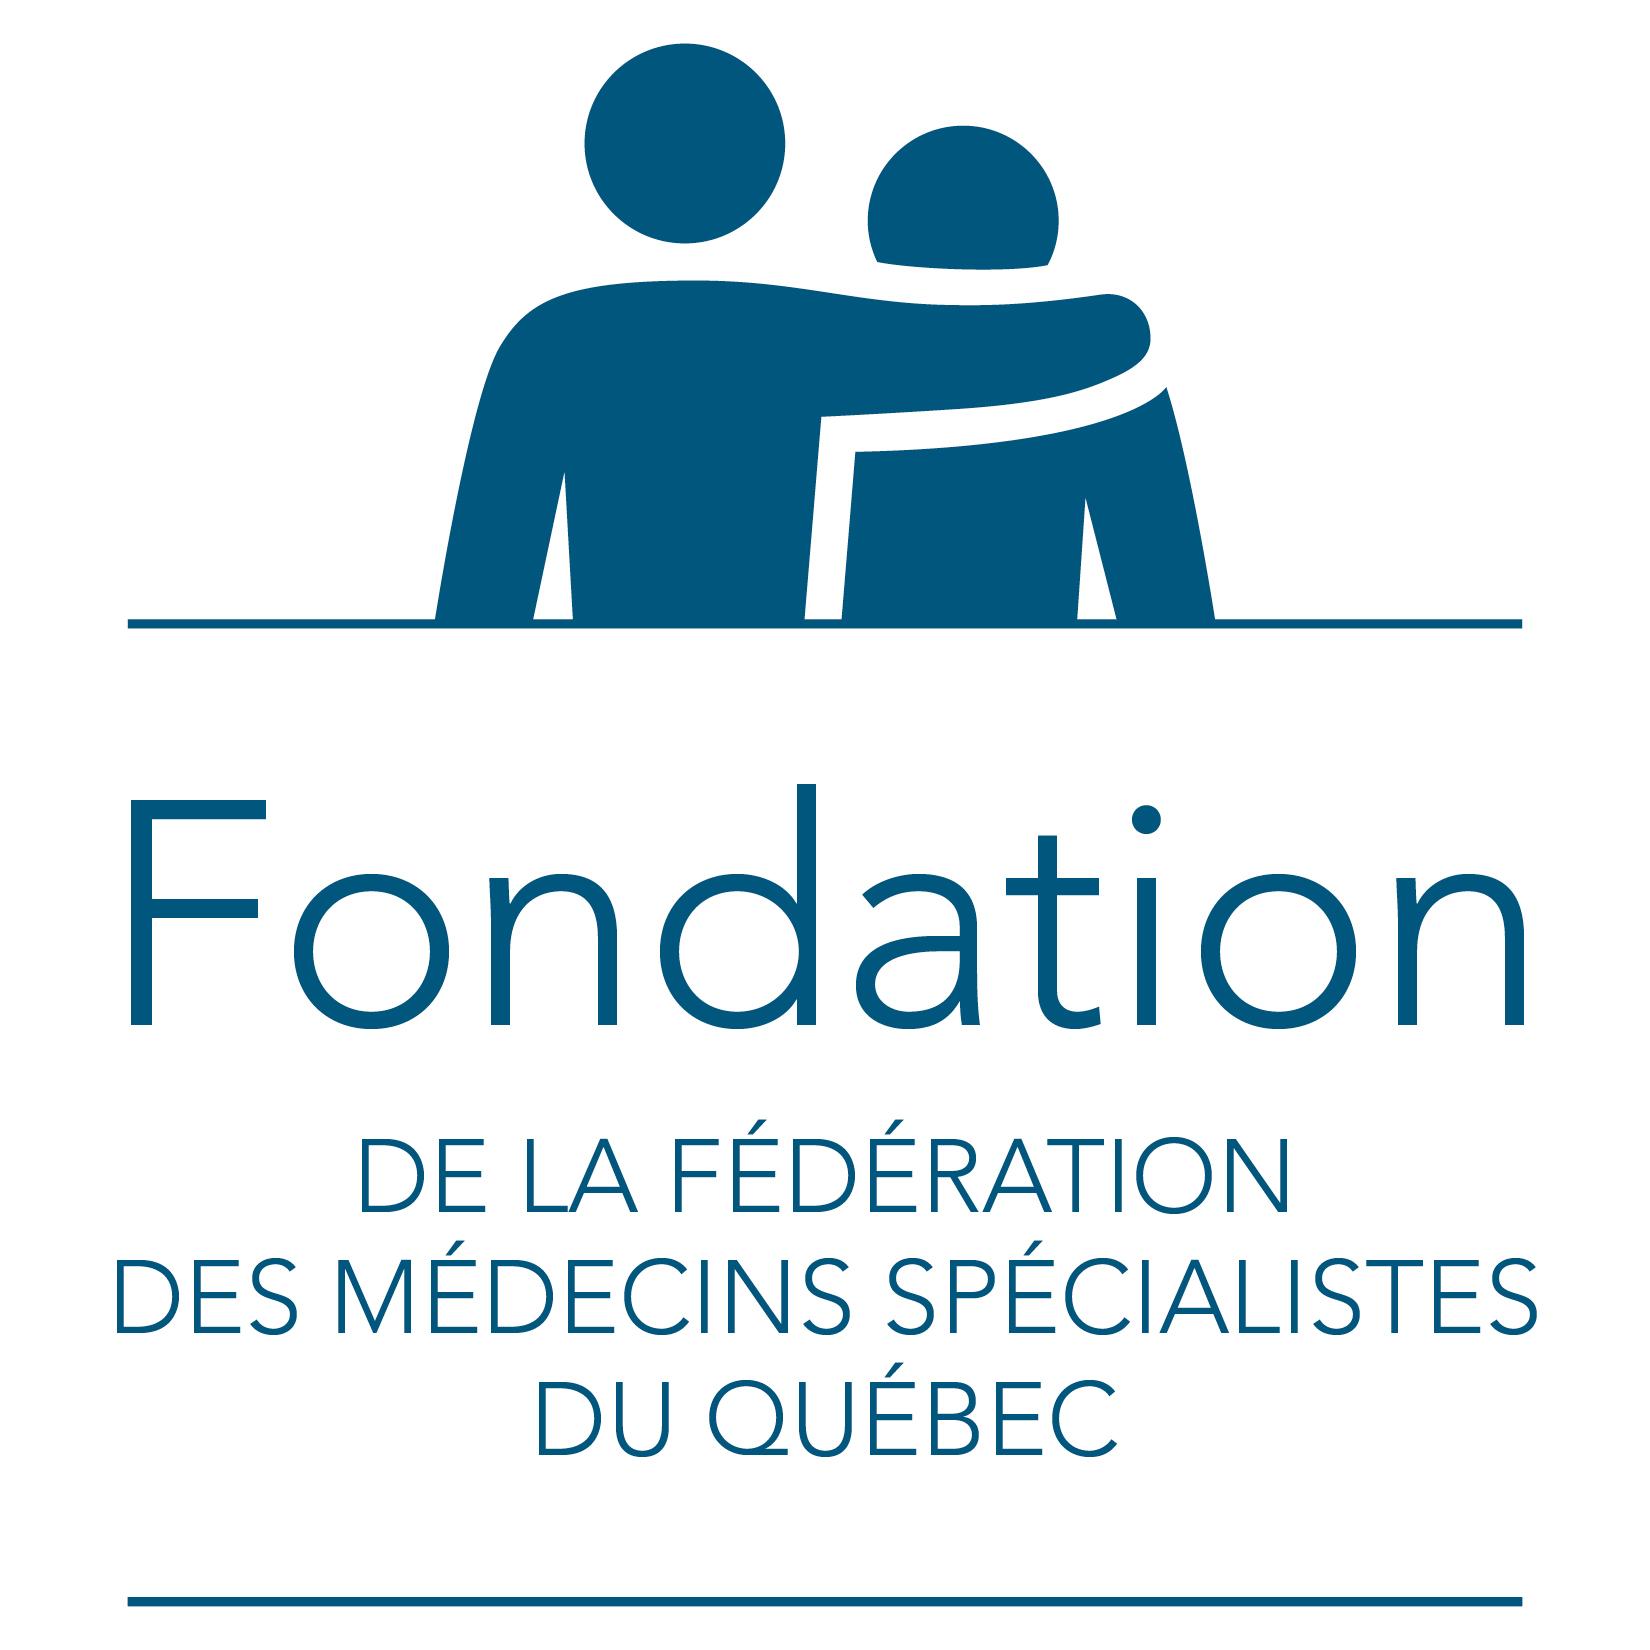 Fondation Fédération des médecins généralistes du Québec